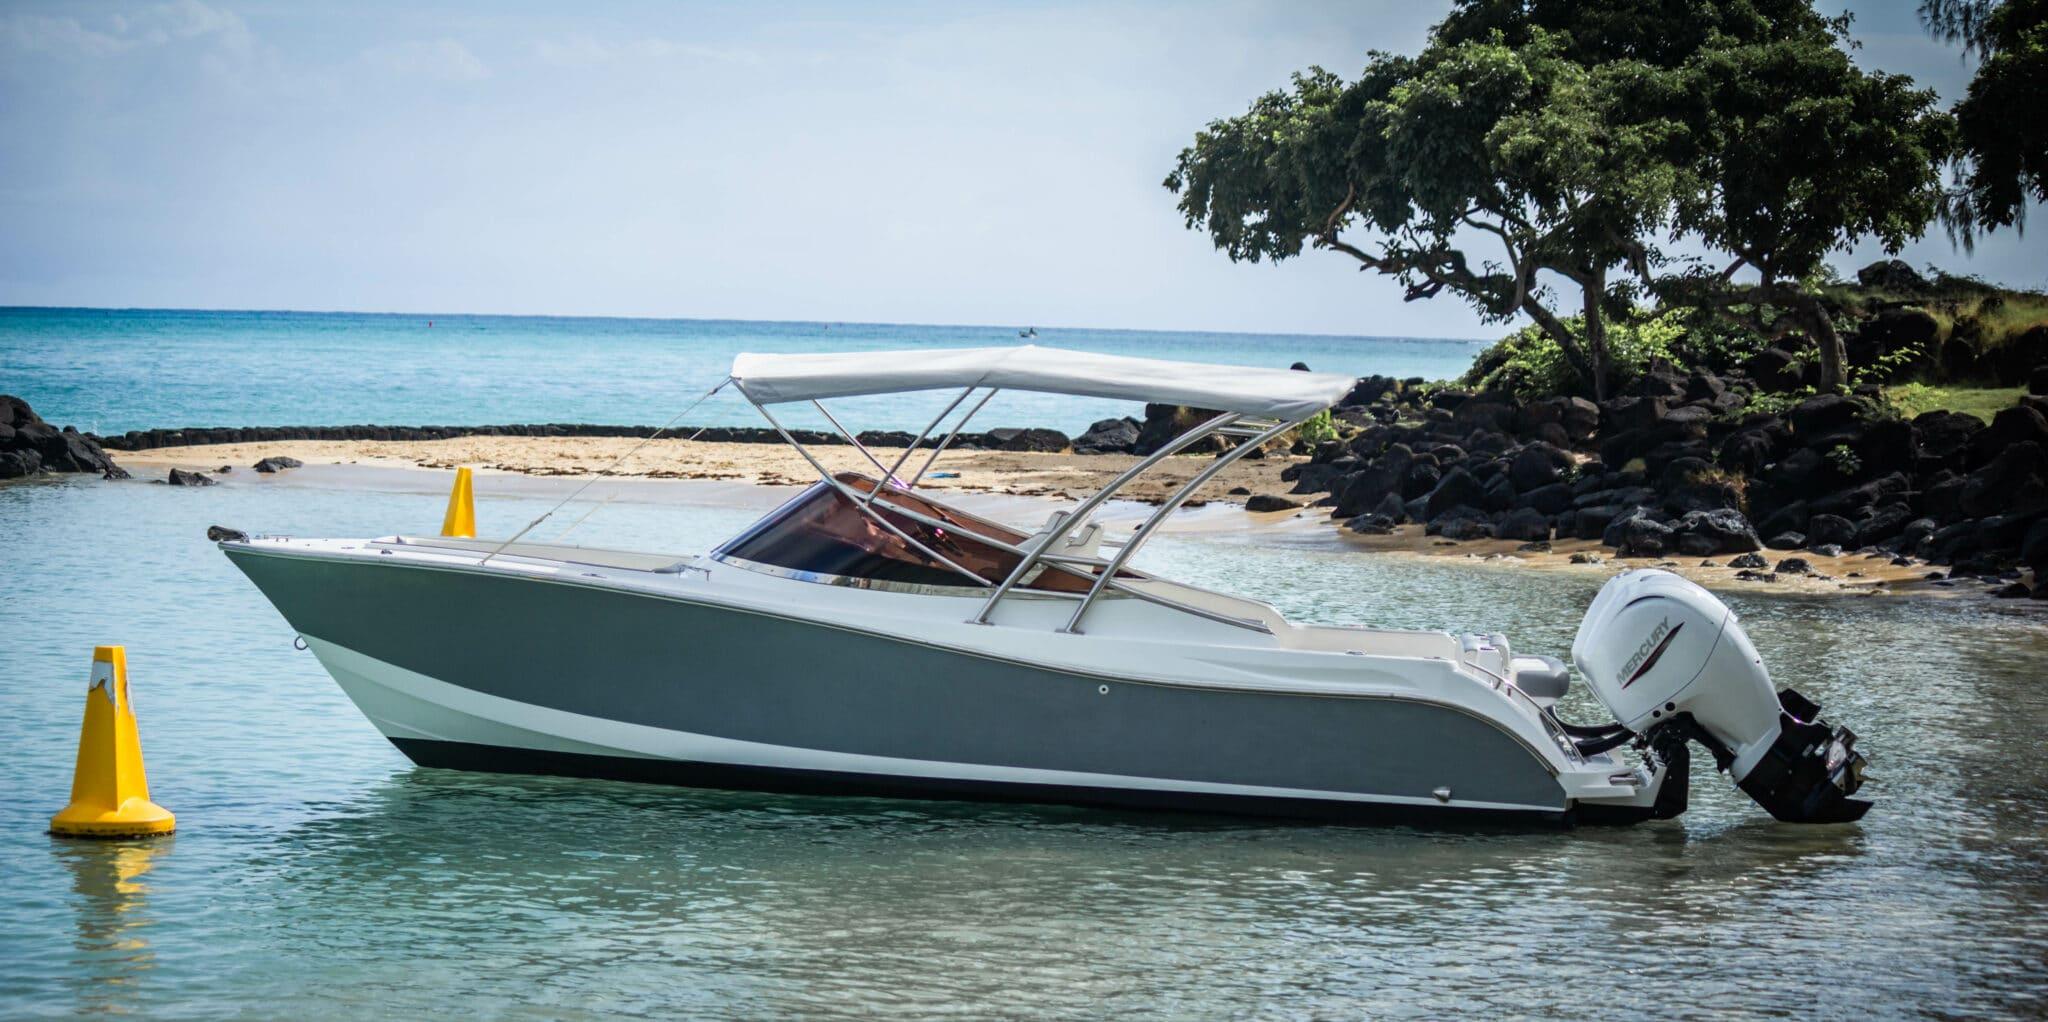 resiglas-boat-legend-26